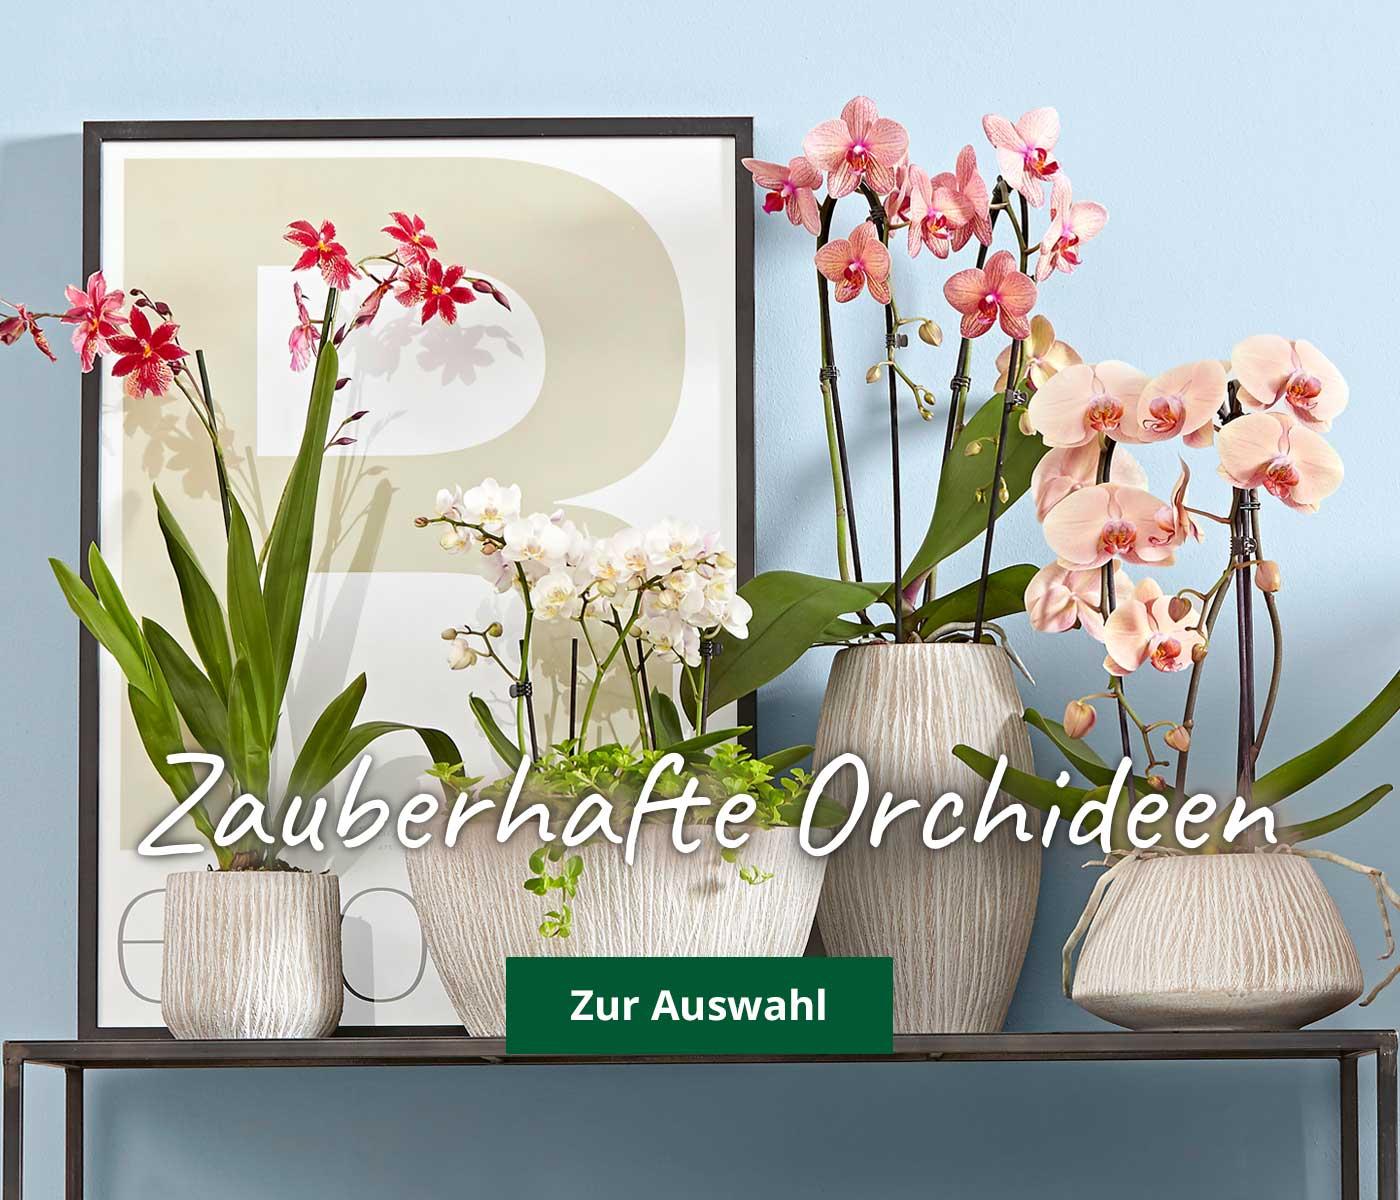 Orchideentopf Fur Ihre Bluhfreunde Bei Dehner Bestellen Dehner